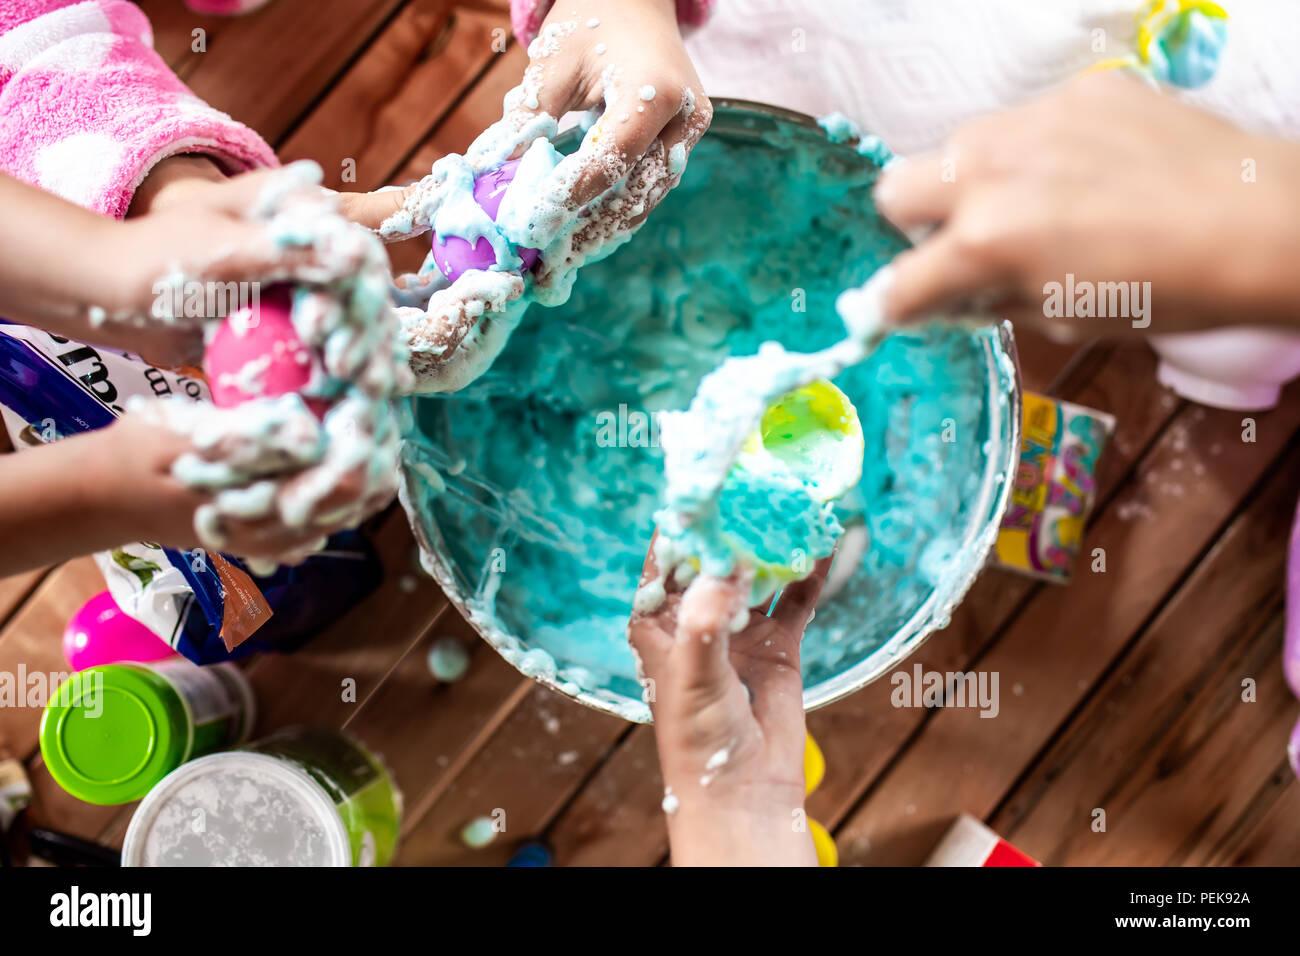 Un groupe de jeunes filles, des enfants faire un désordre avec écume de slime Photo Stock